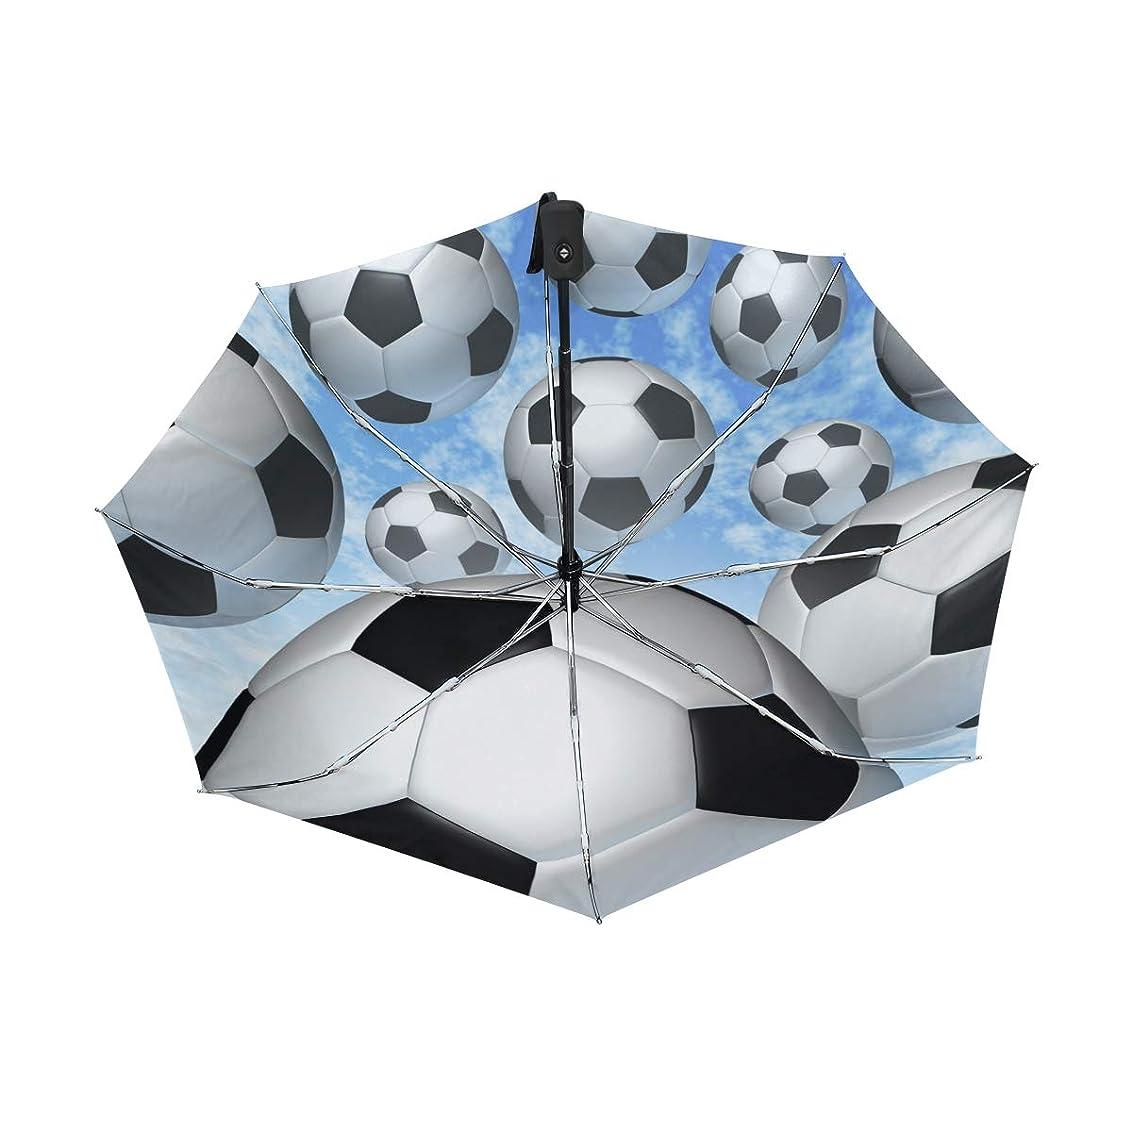 アーサーコナンドイルするにSUKAU 折り畳み傘 サッカー ボール柄 軽量 自動開閉 晴雨兼用 レディース 日傘 uvカット 遮光 折りたたみ 傘 メンズ ワンタッチ 紫外線対策 頑丈な8本骨 耐強風 収納ケース付